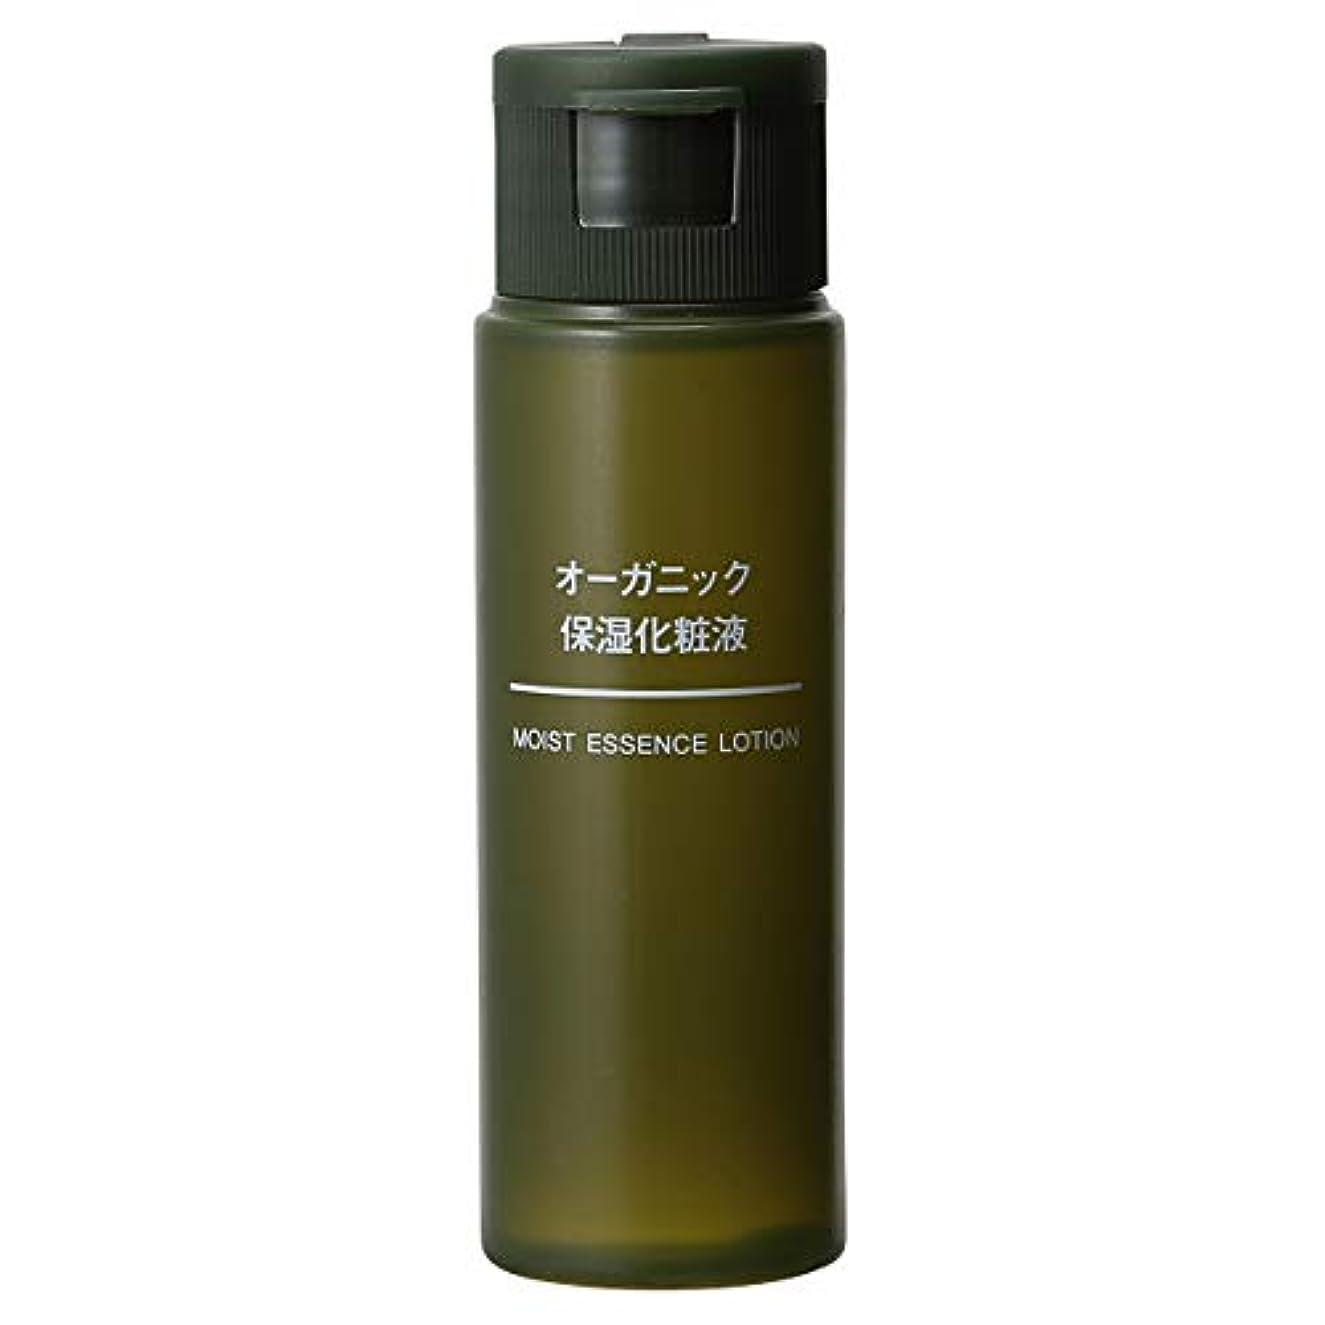 路面電車ではごきげんよう麻痺させる無印良品 オーガニック保湿化粧液(携帯用) 50ml